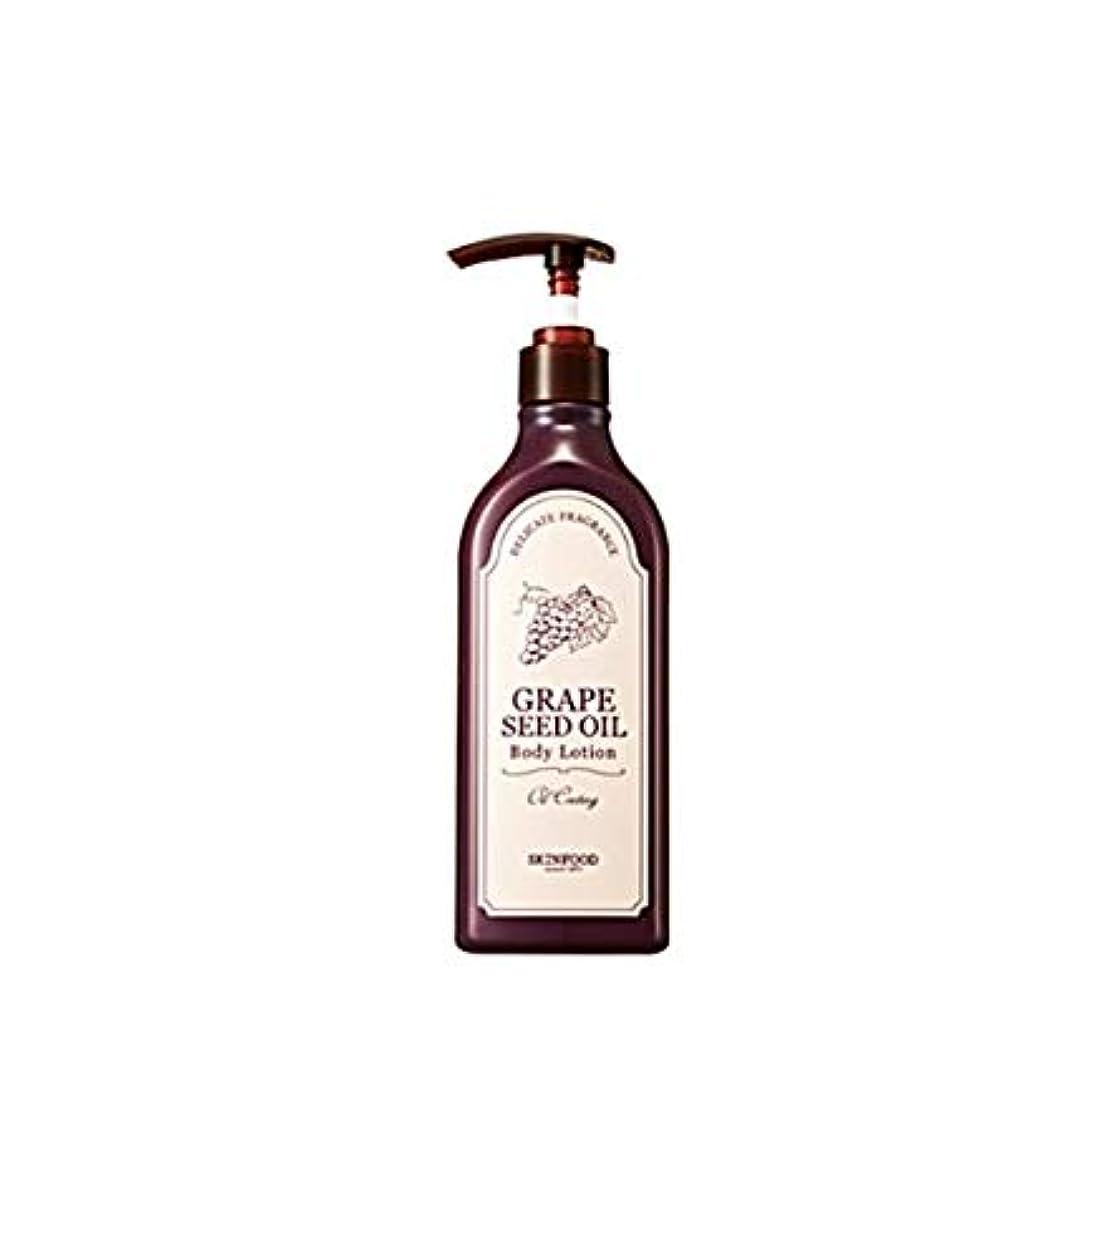 けがをする問題さわやかSkinfood グレープシードオイルボディローション/Grape Seed Oil Body Lotion 335 ml [並行輸入品]